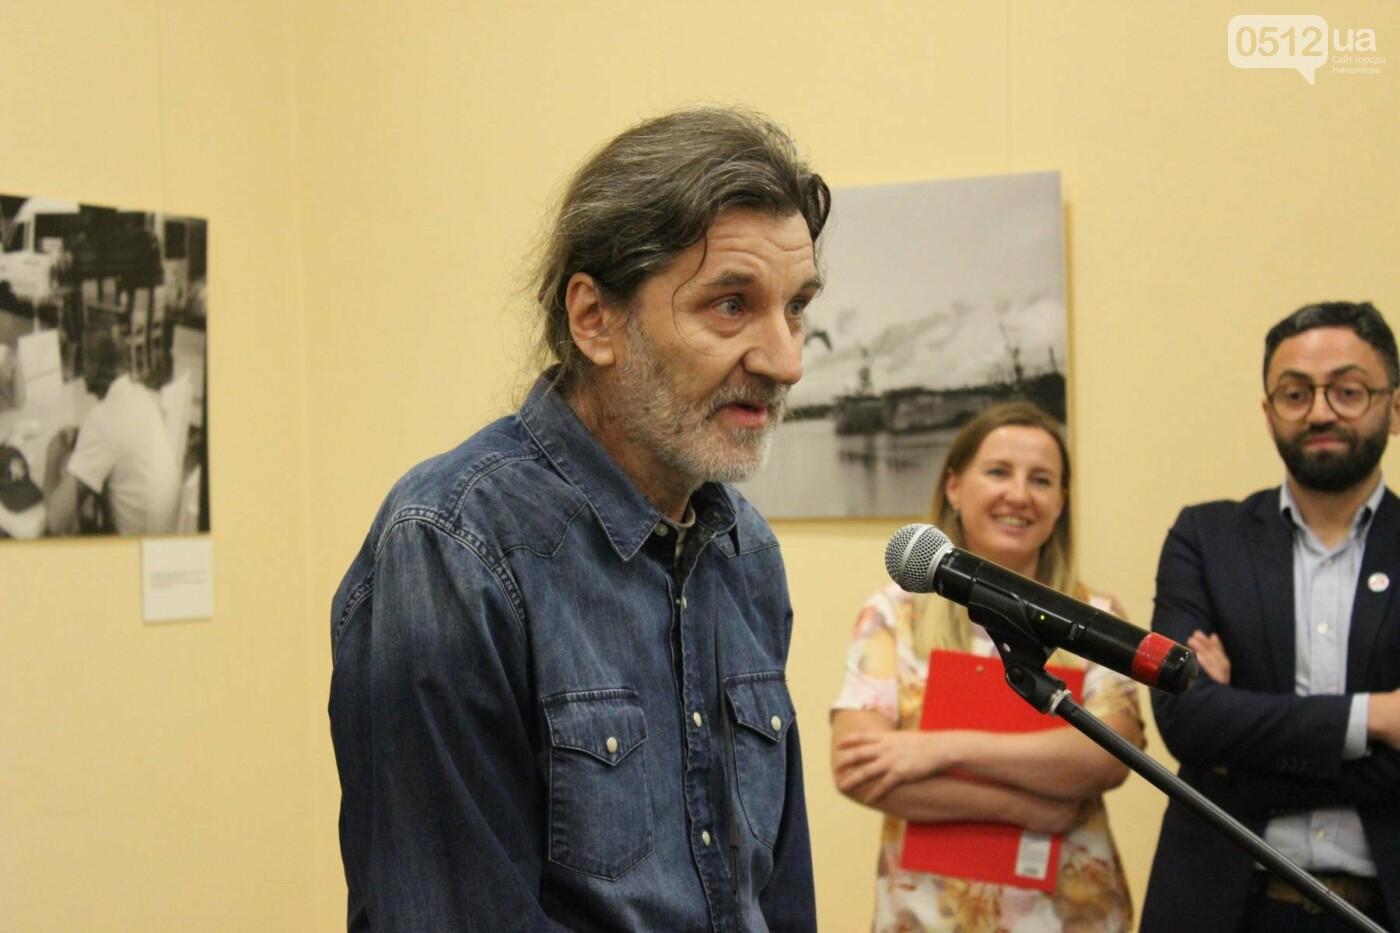 В Николаеве прошла фото-выставка людей, которые борются за жизнь, - ФОТО, фото-12